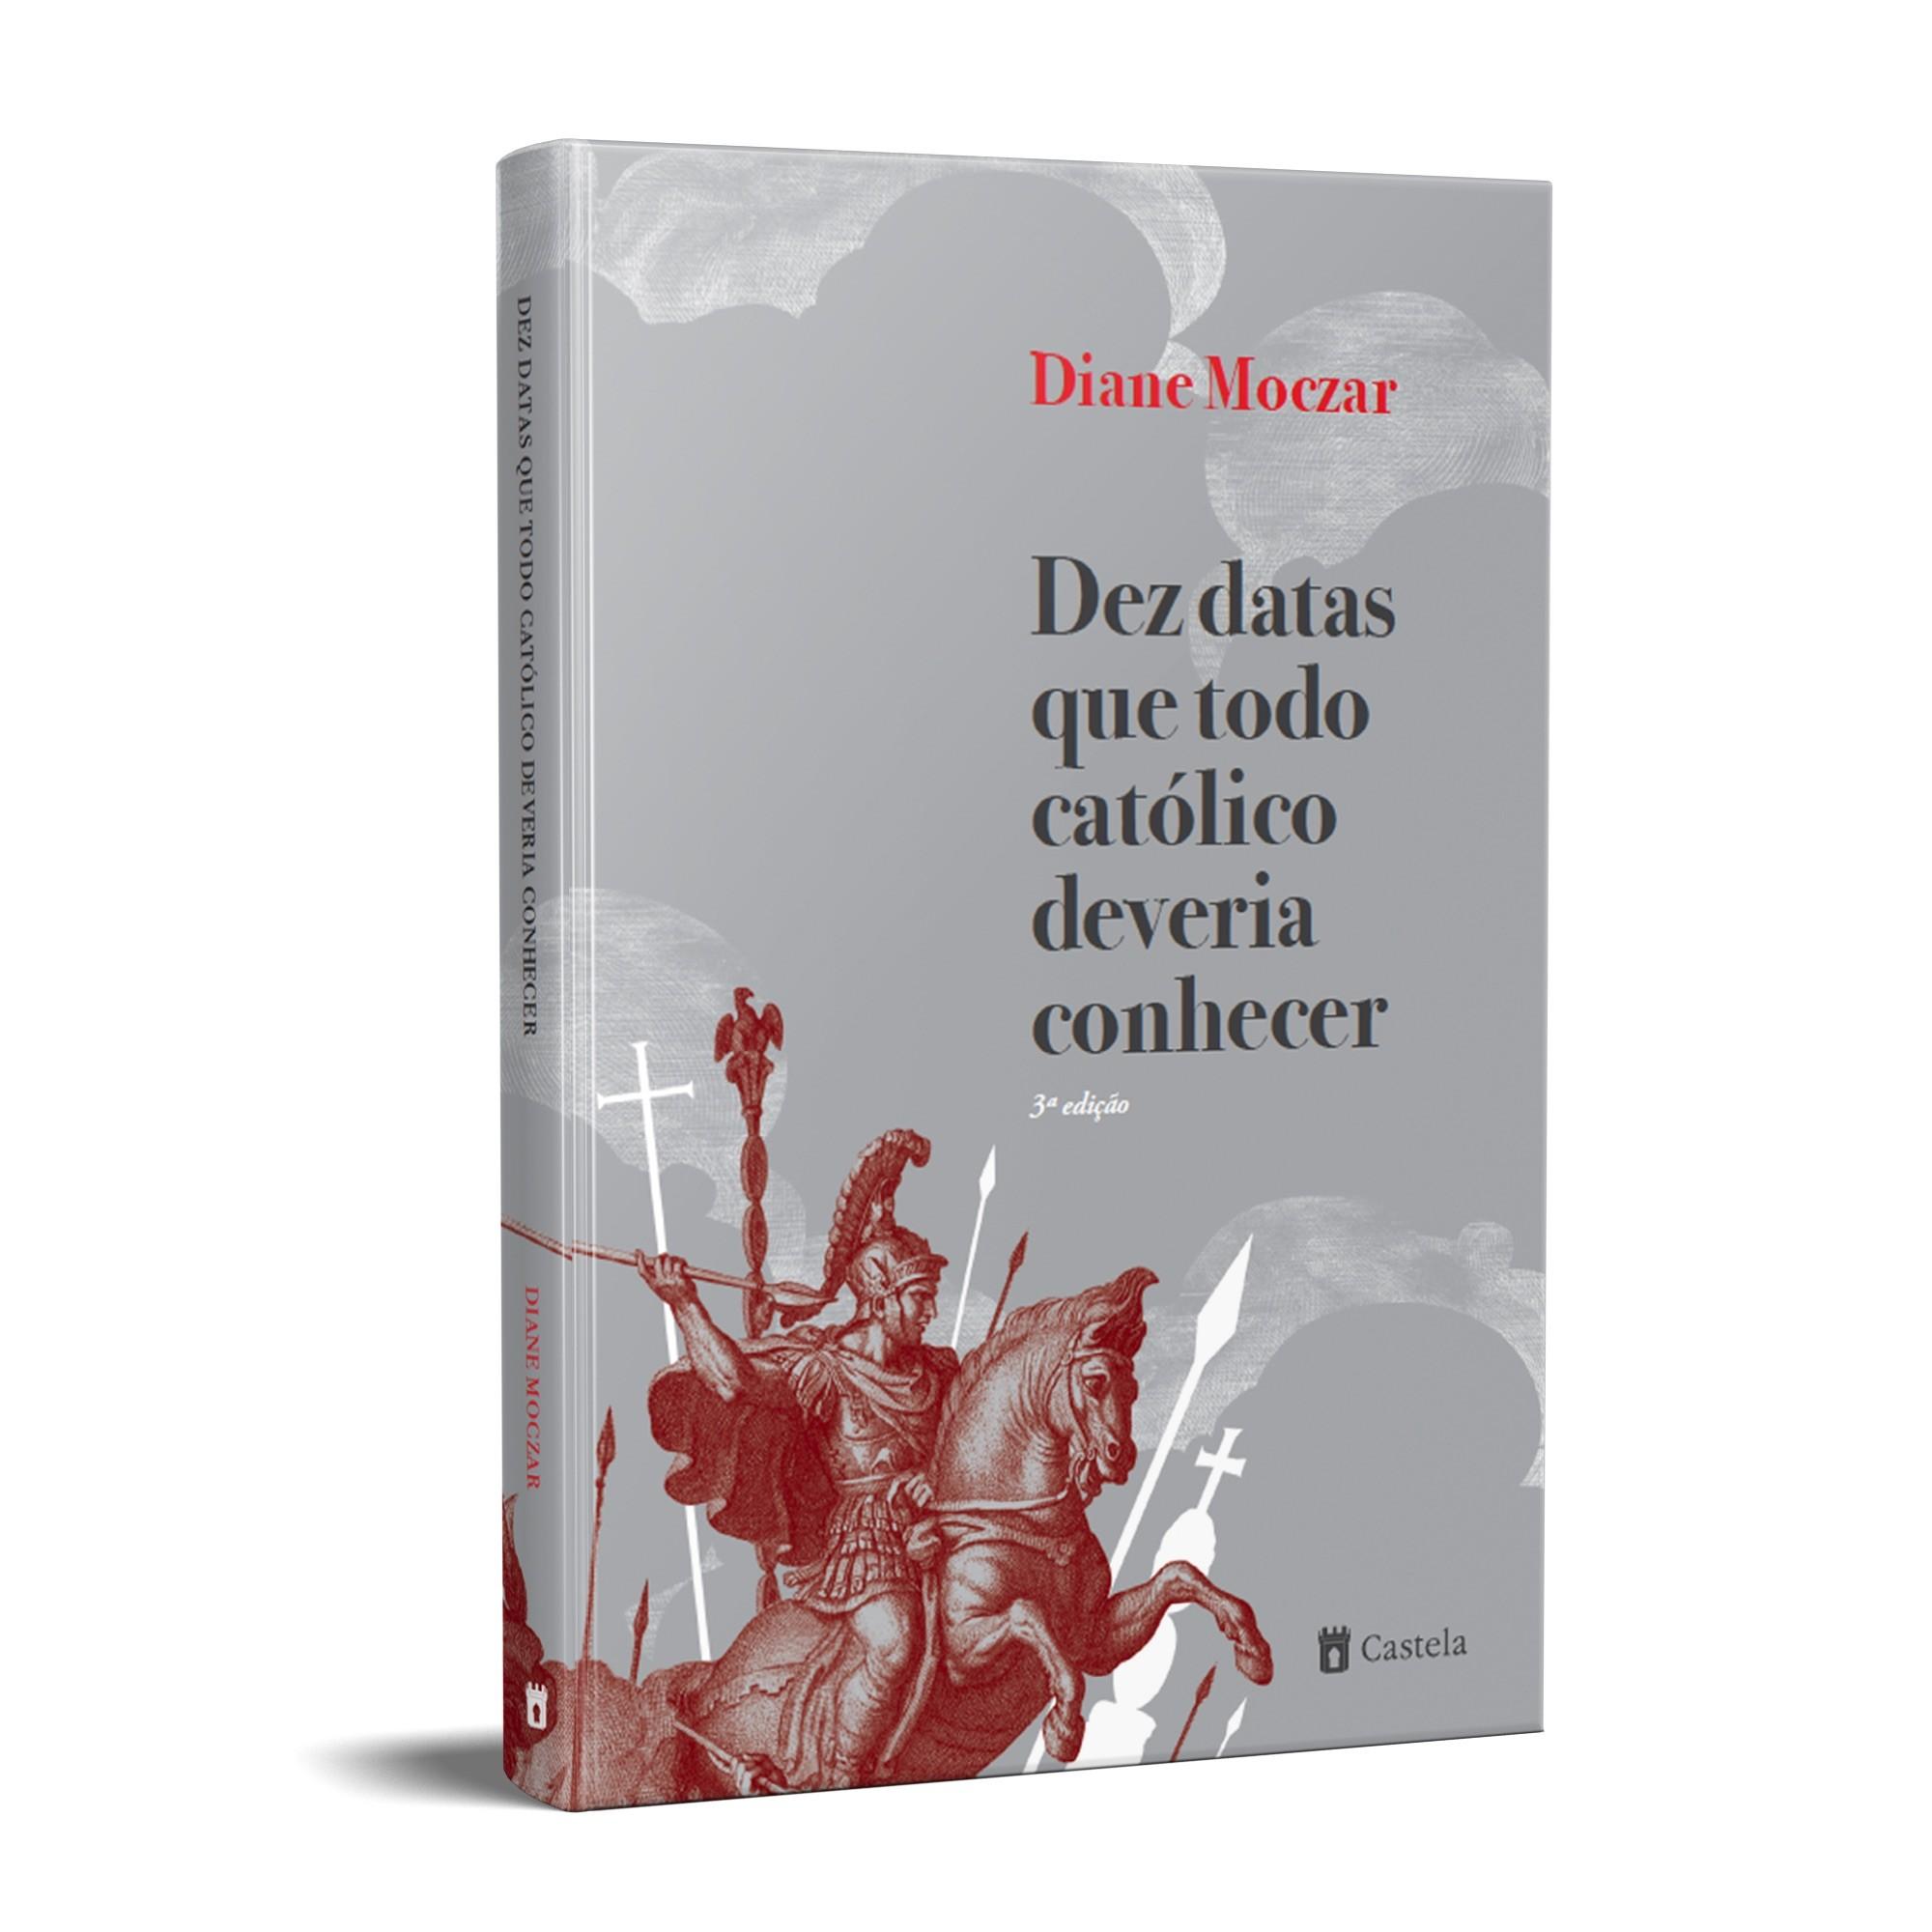 Dez Datas que Todo Católico Deveria Conhecer - Diane Moczar